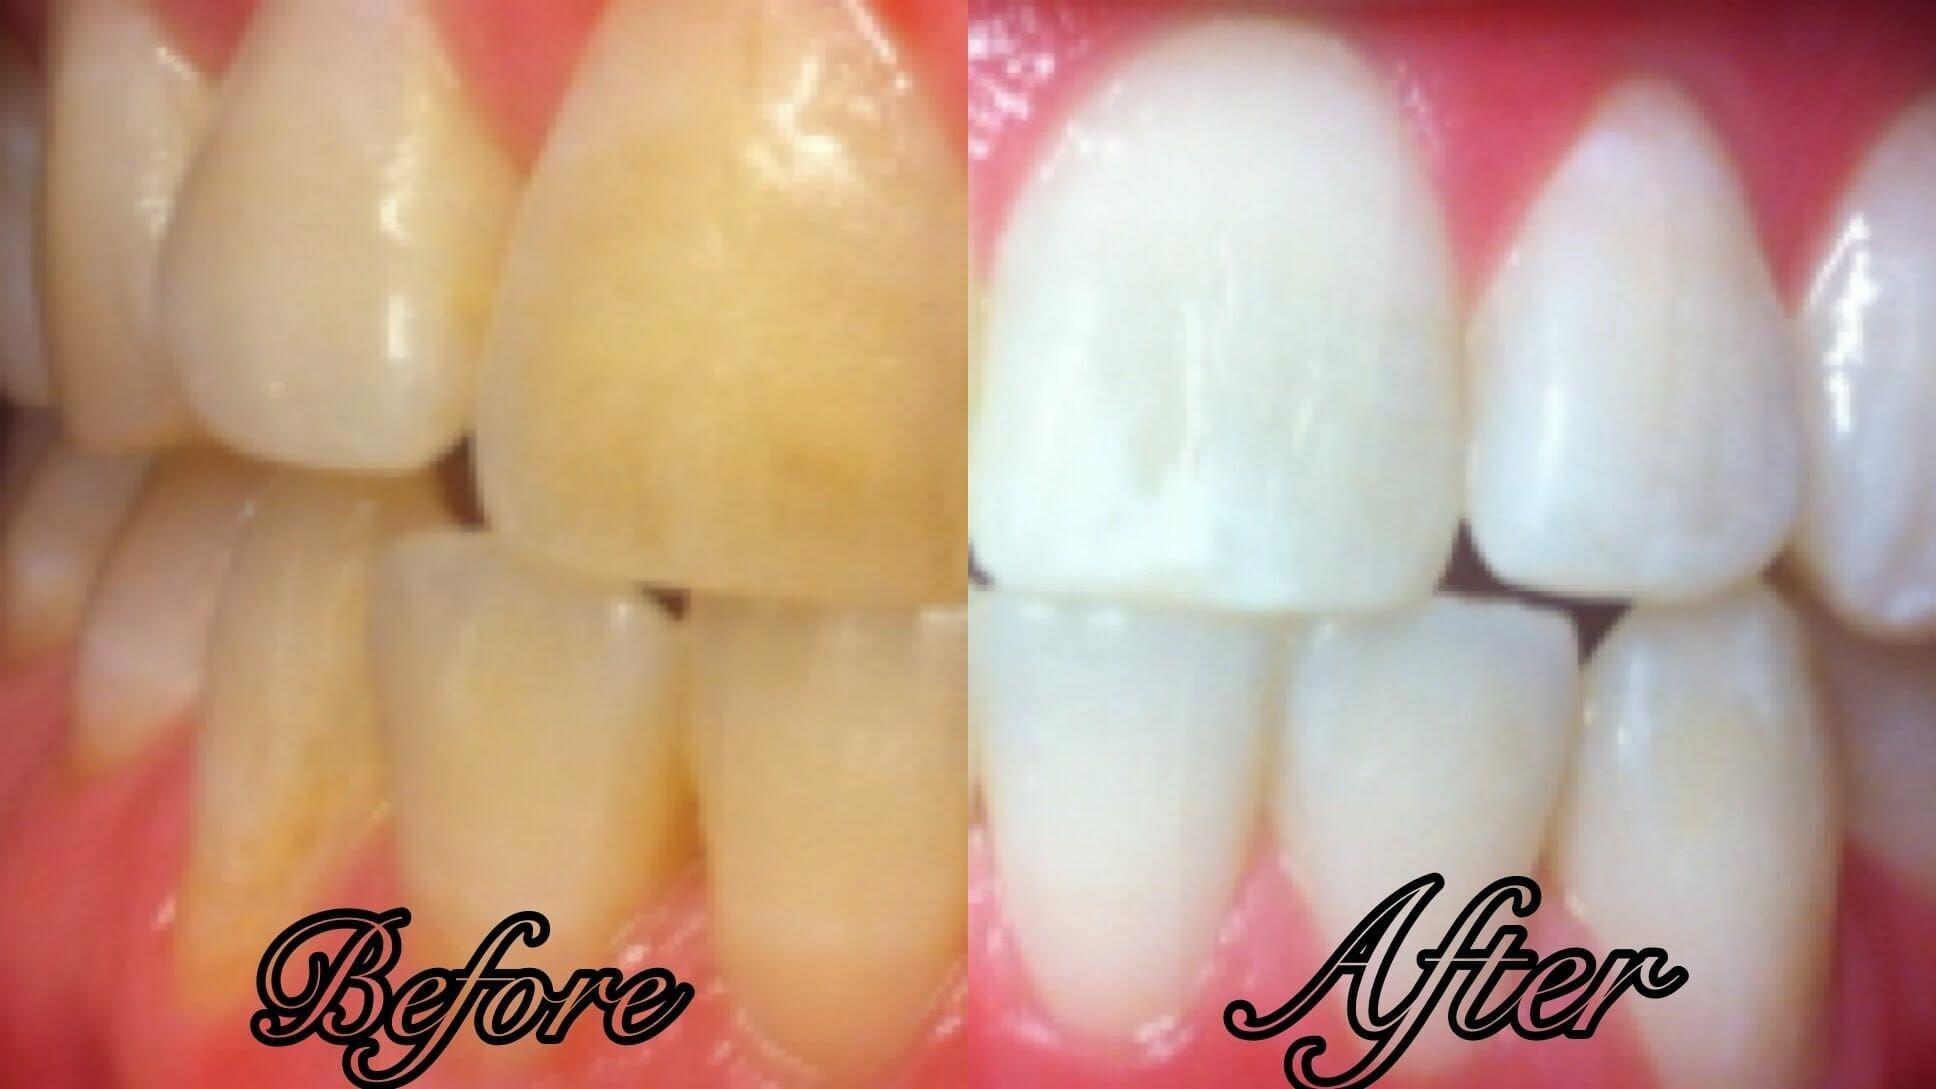 Weiße Zähne: In NUR 3 Minuten mit echtem  Hausfrauentrick  zu strahlendem Lächeln